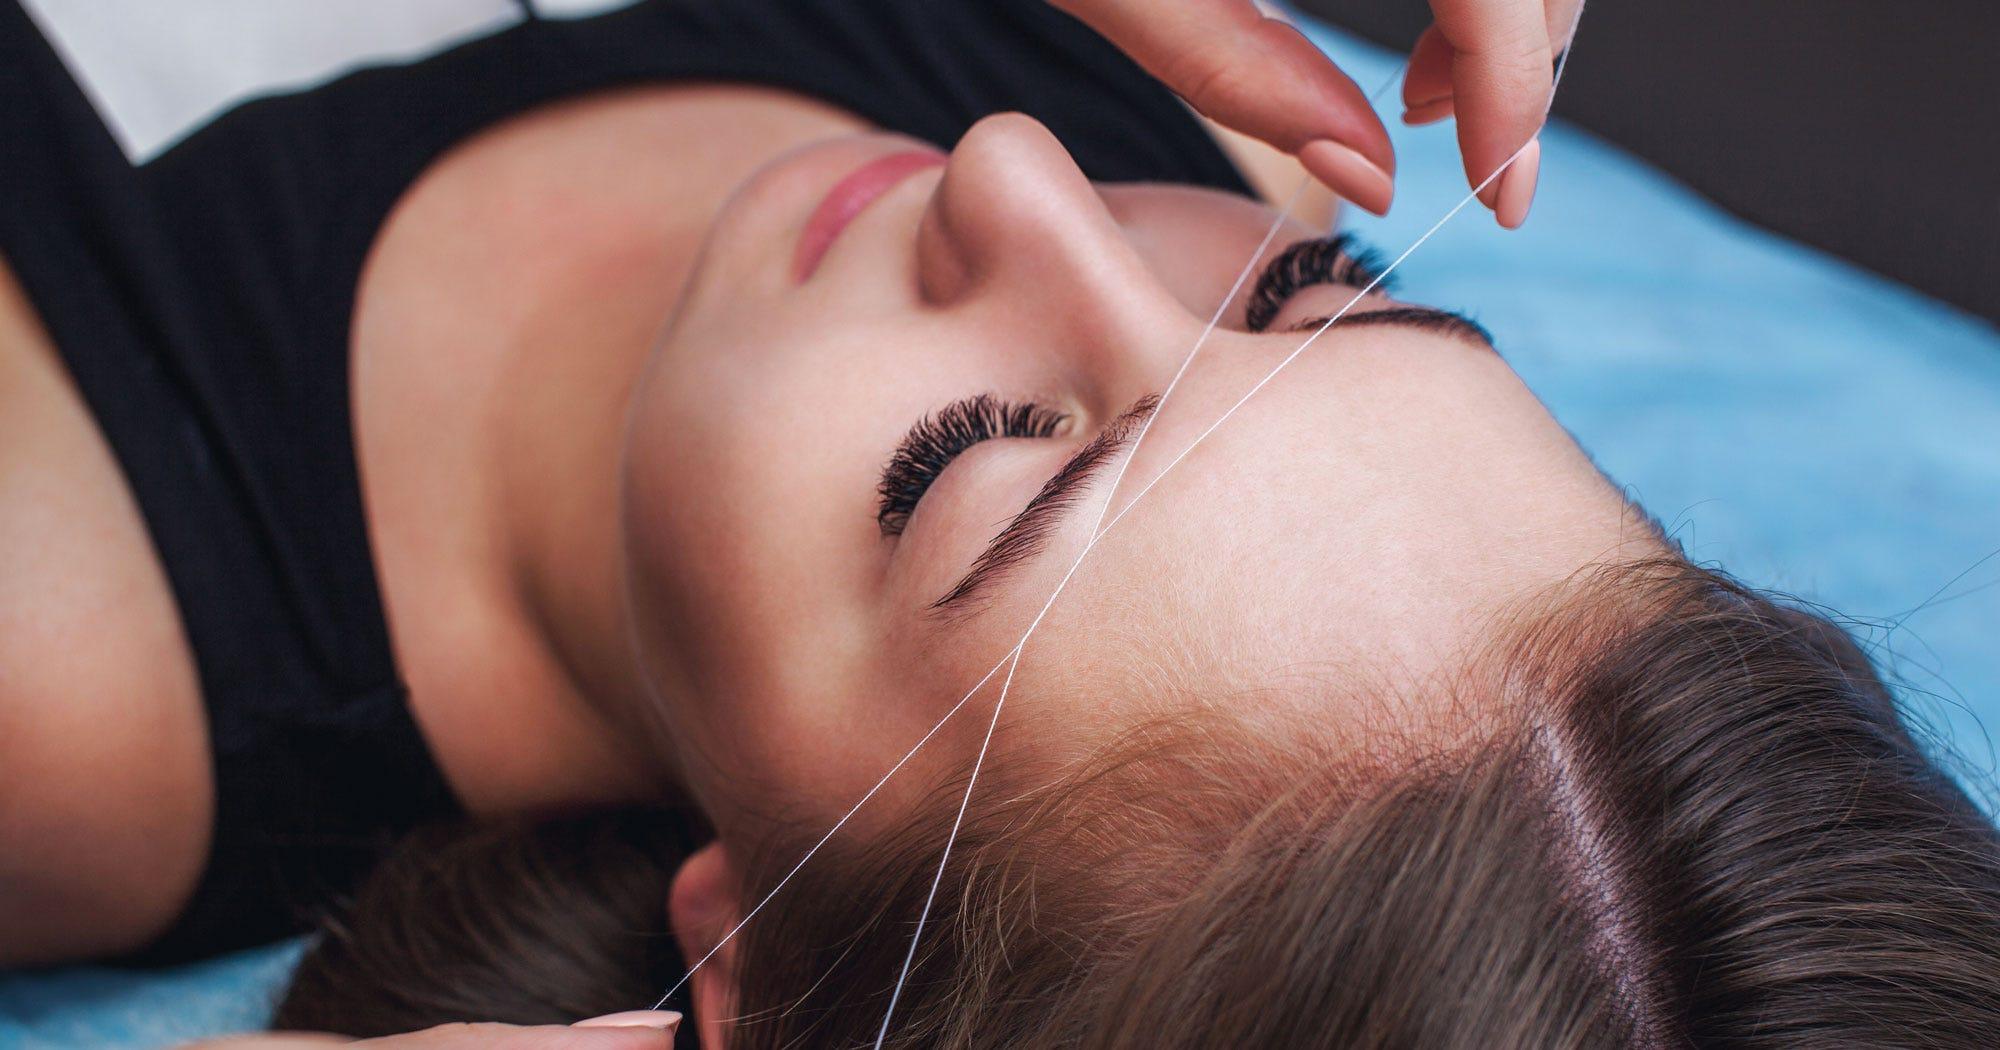 8 Dinge, die du wissen solltest, bevor du dir die Augenbrauen mit dem Faden zupfen lässt